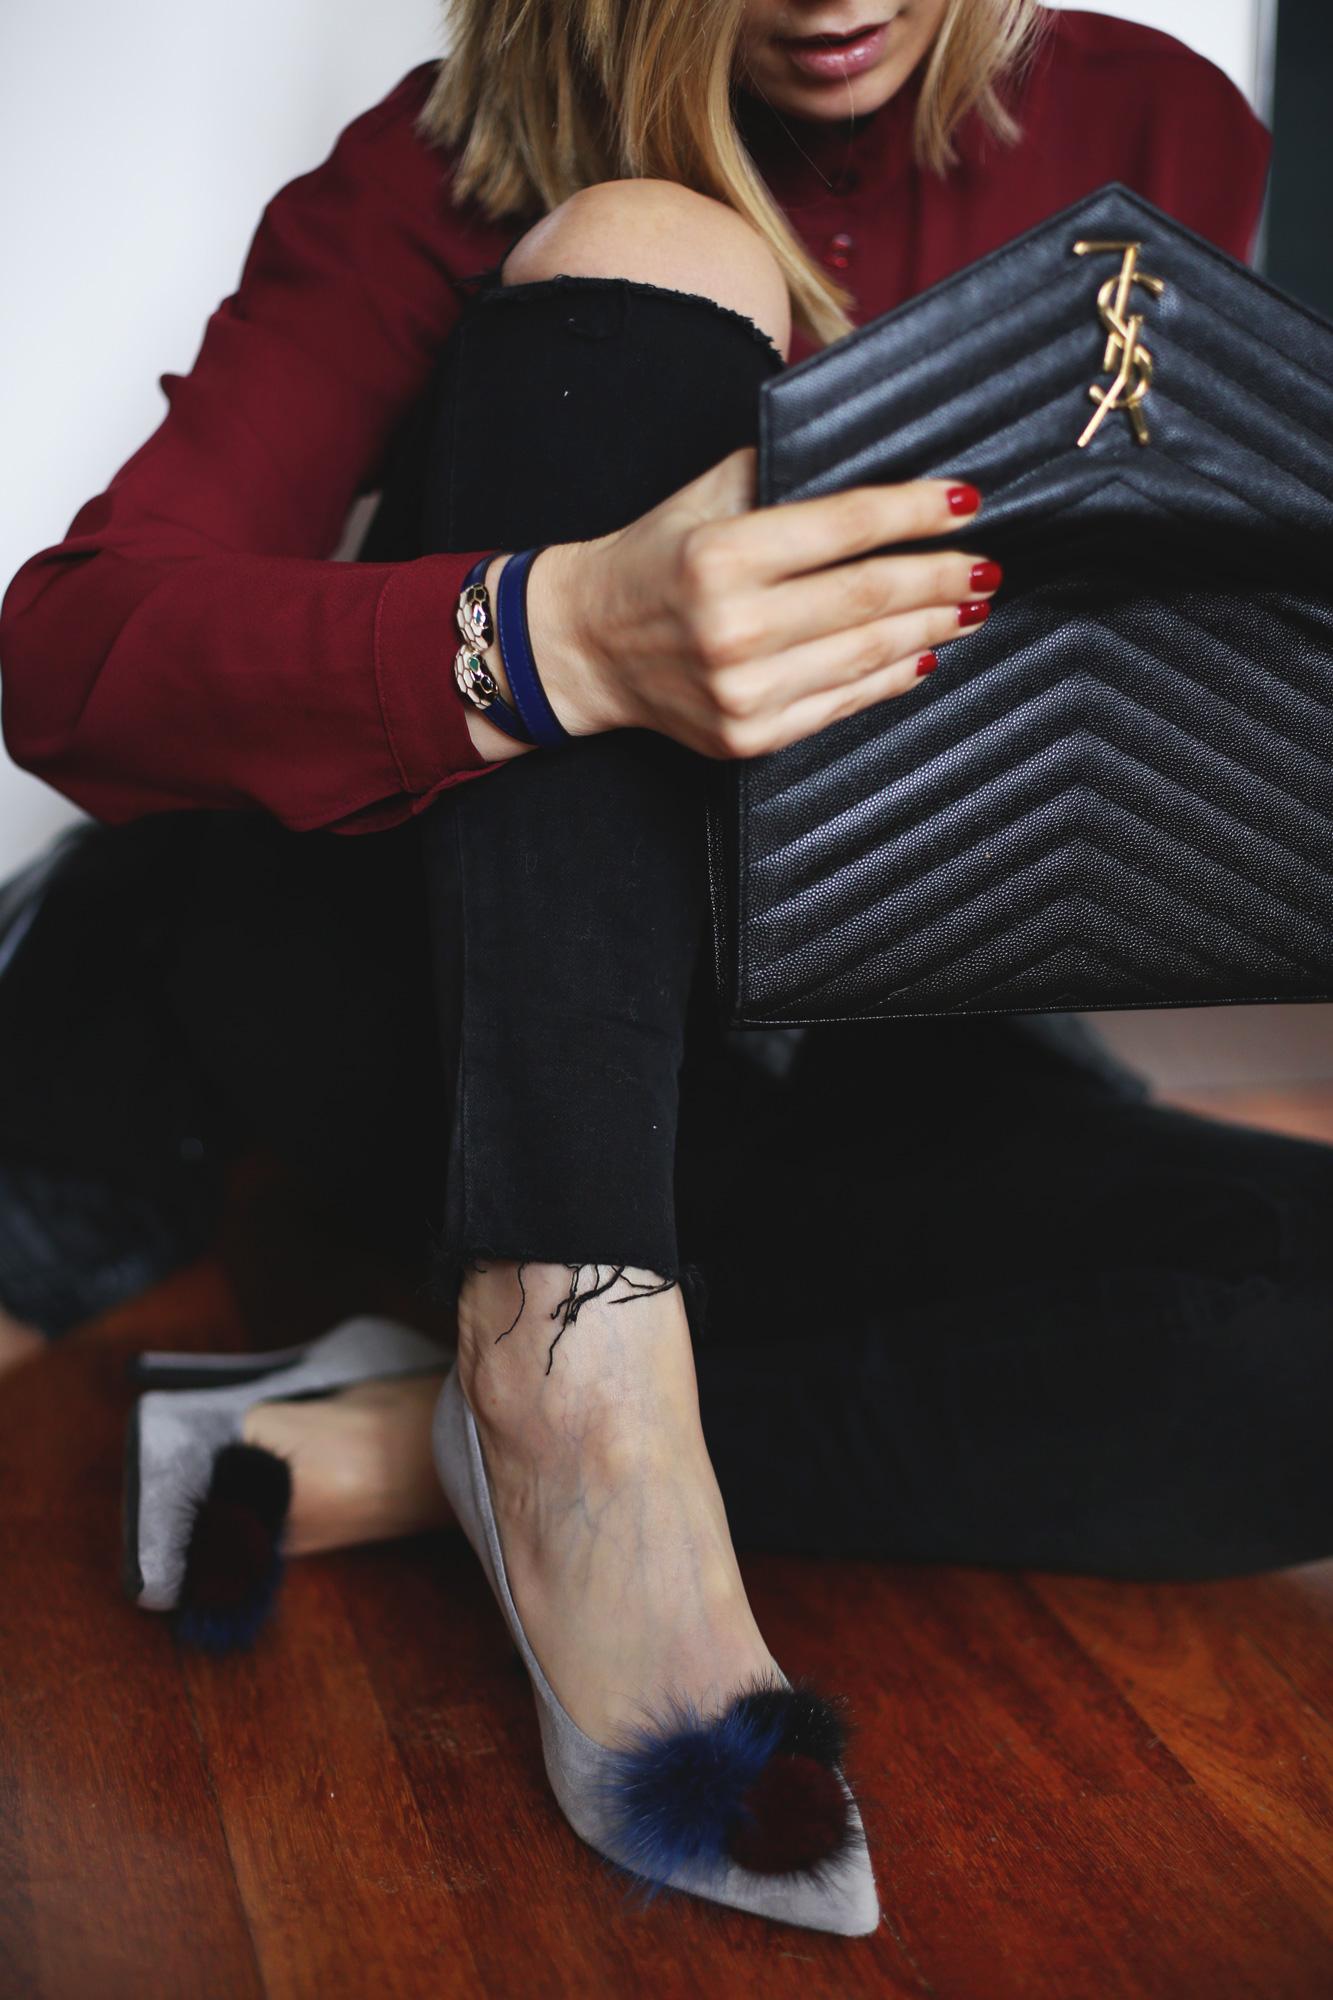 Blog de moda tendencias y estilo de vida